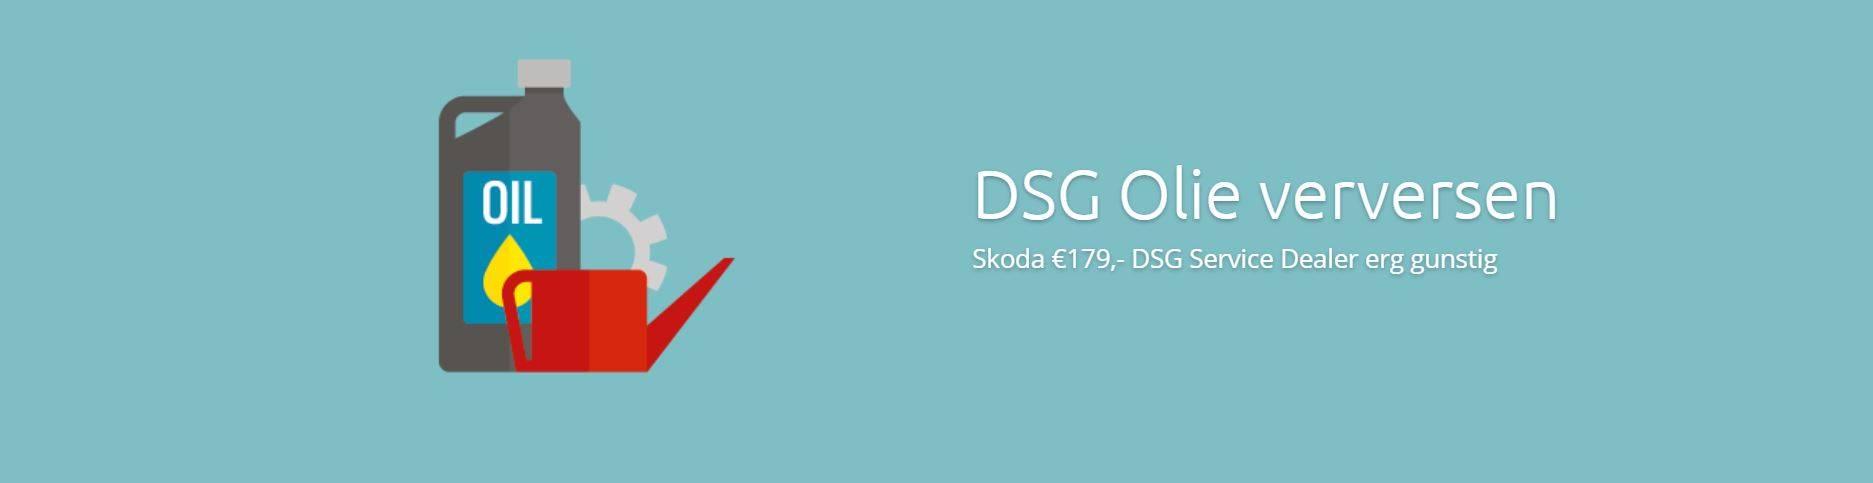 Skoda DSG Olie Verversen €179 DSG Skoda Olie Vervangen bij schakel klachten DSG oliewissel Skoda is bij DSG Service Dealer erg gunstig €179